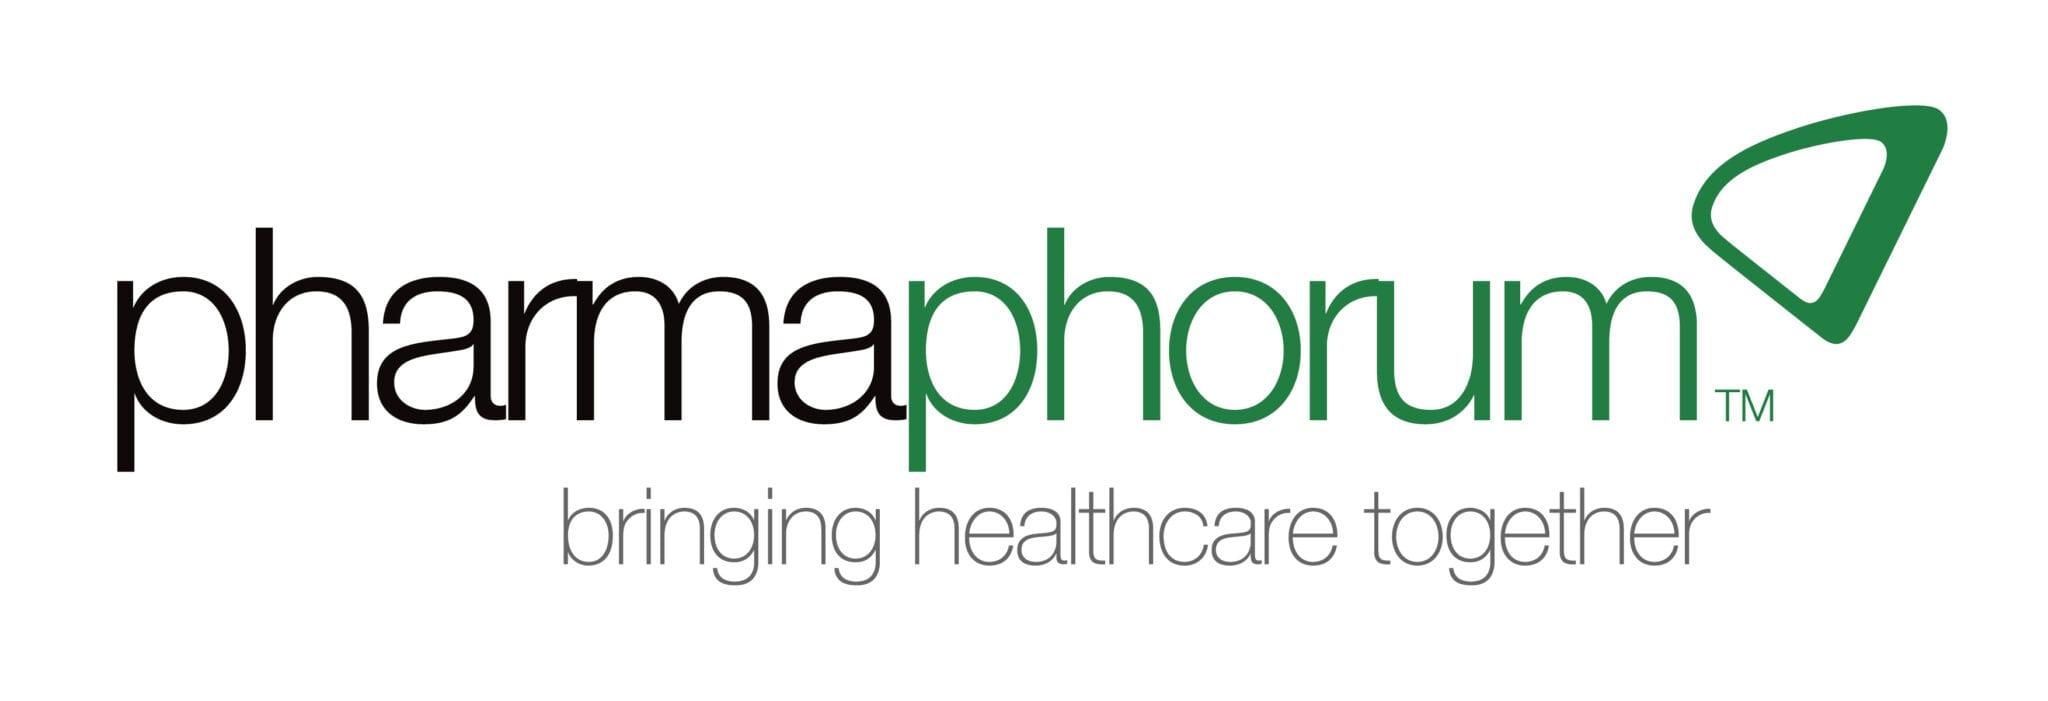 pharmaphorum-logo-01-scaled-1